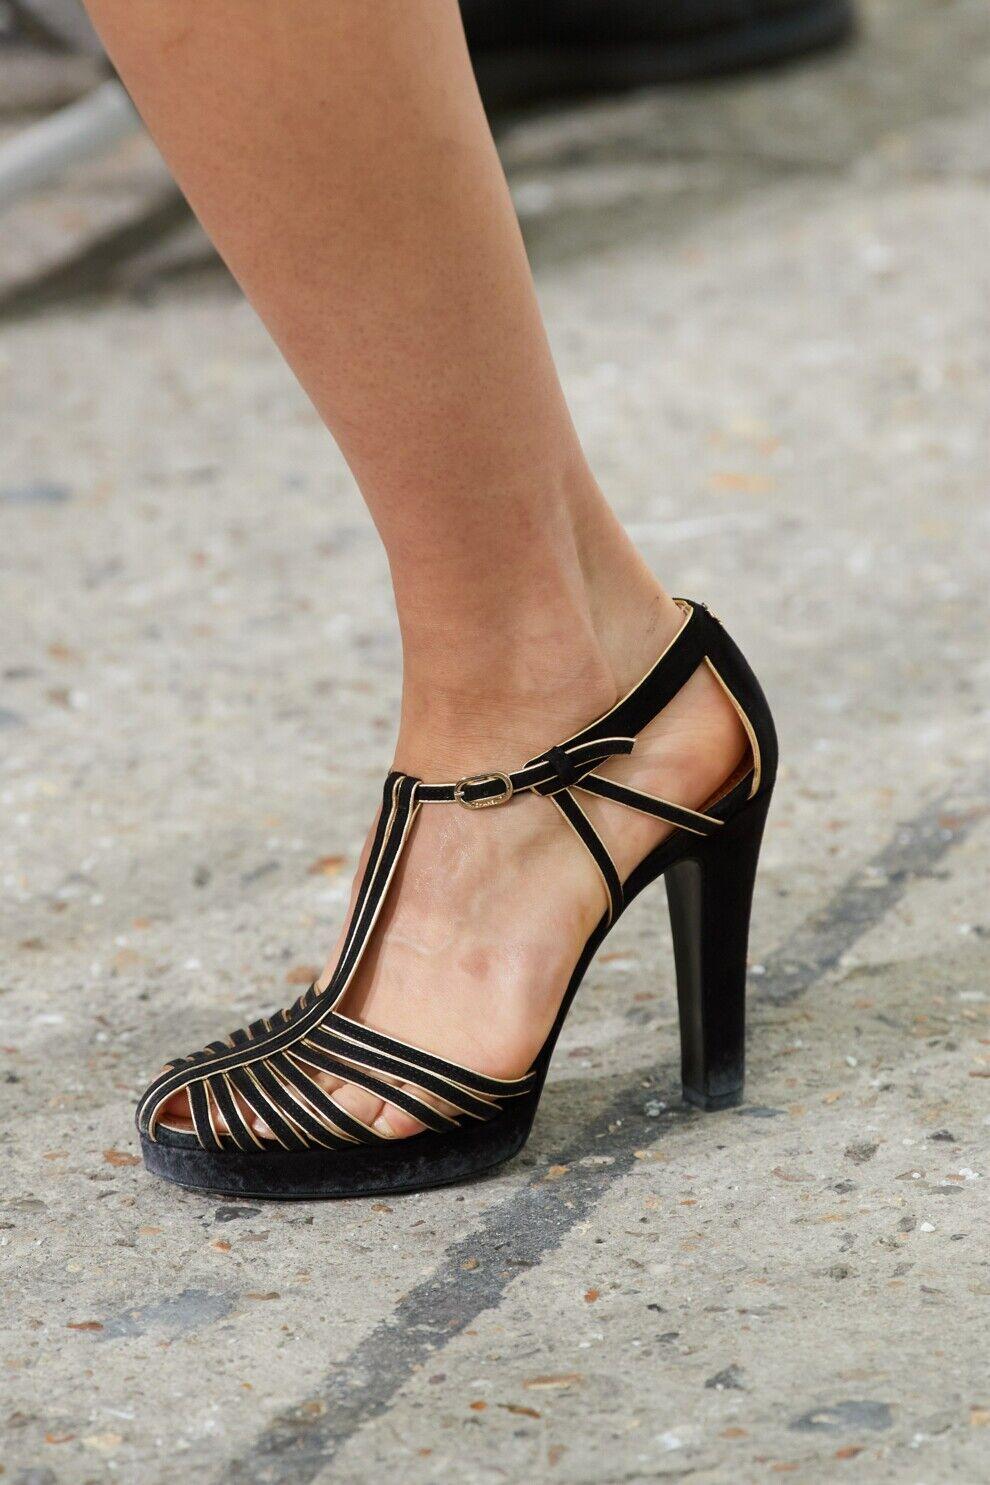 Туфлі з численними вишуканими ремінцями – модний тренд цієї весни